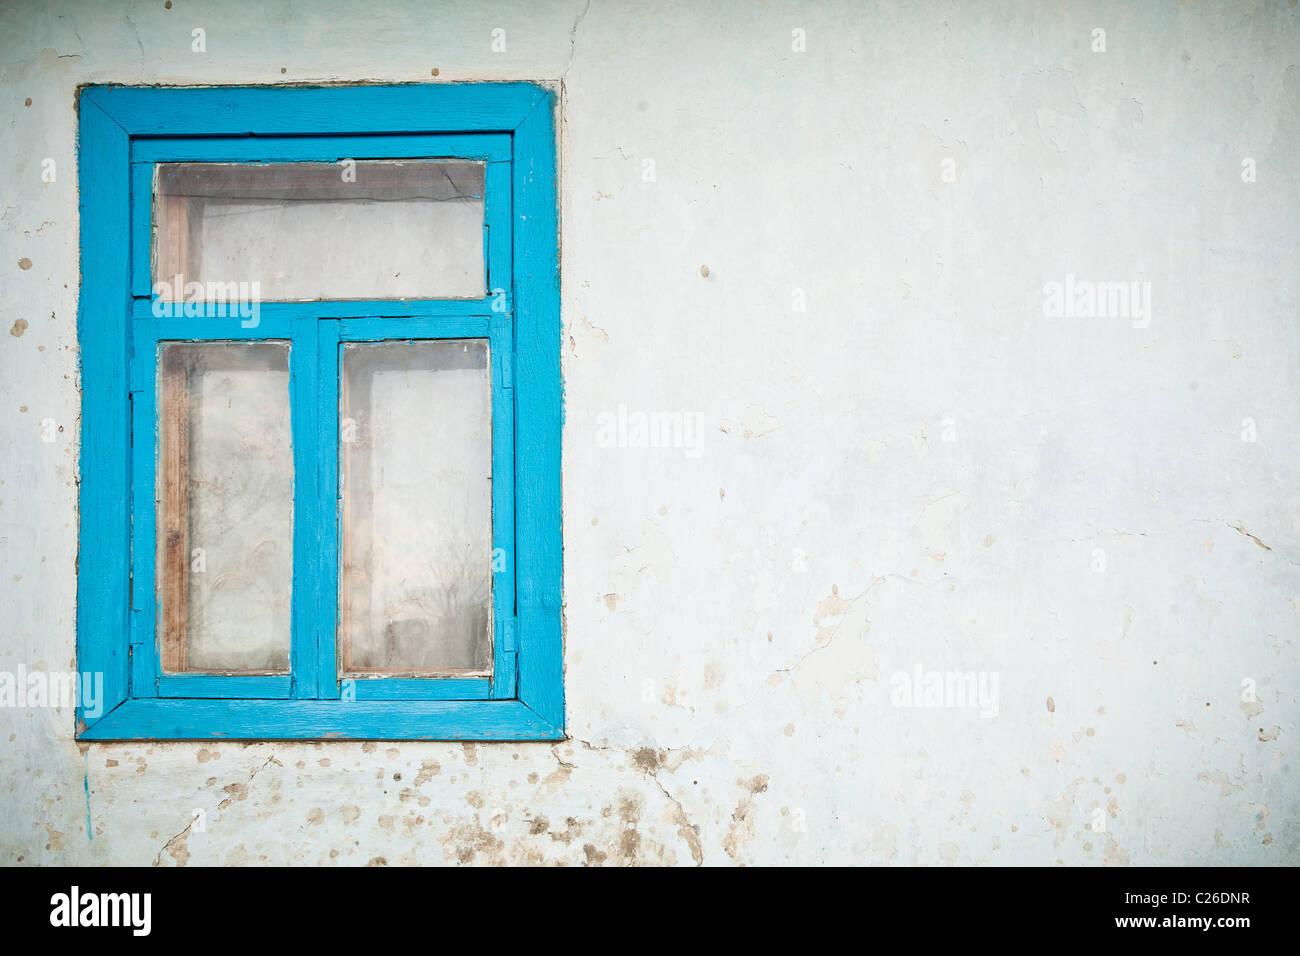 Vieux mur fissuré avec fenêtre peint avec blue Photo Stock